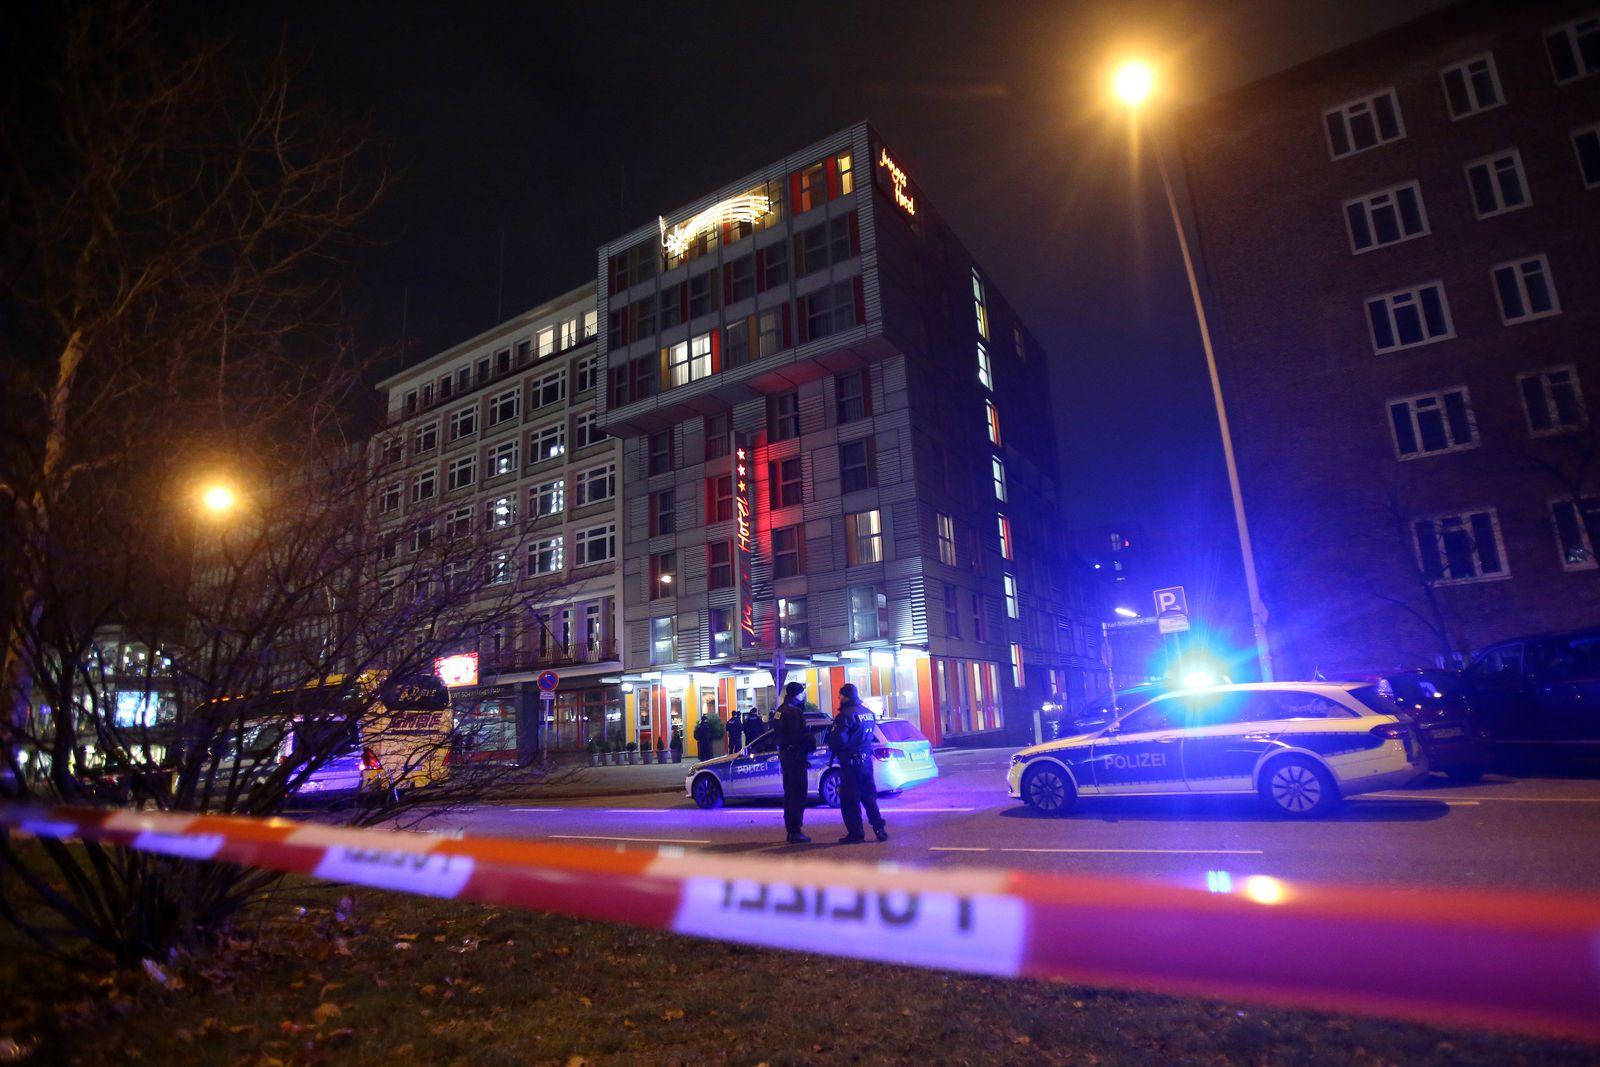 Polizeieinsatz in Hamburger Hotel